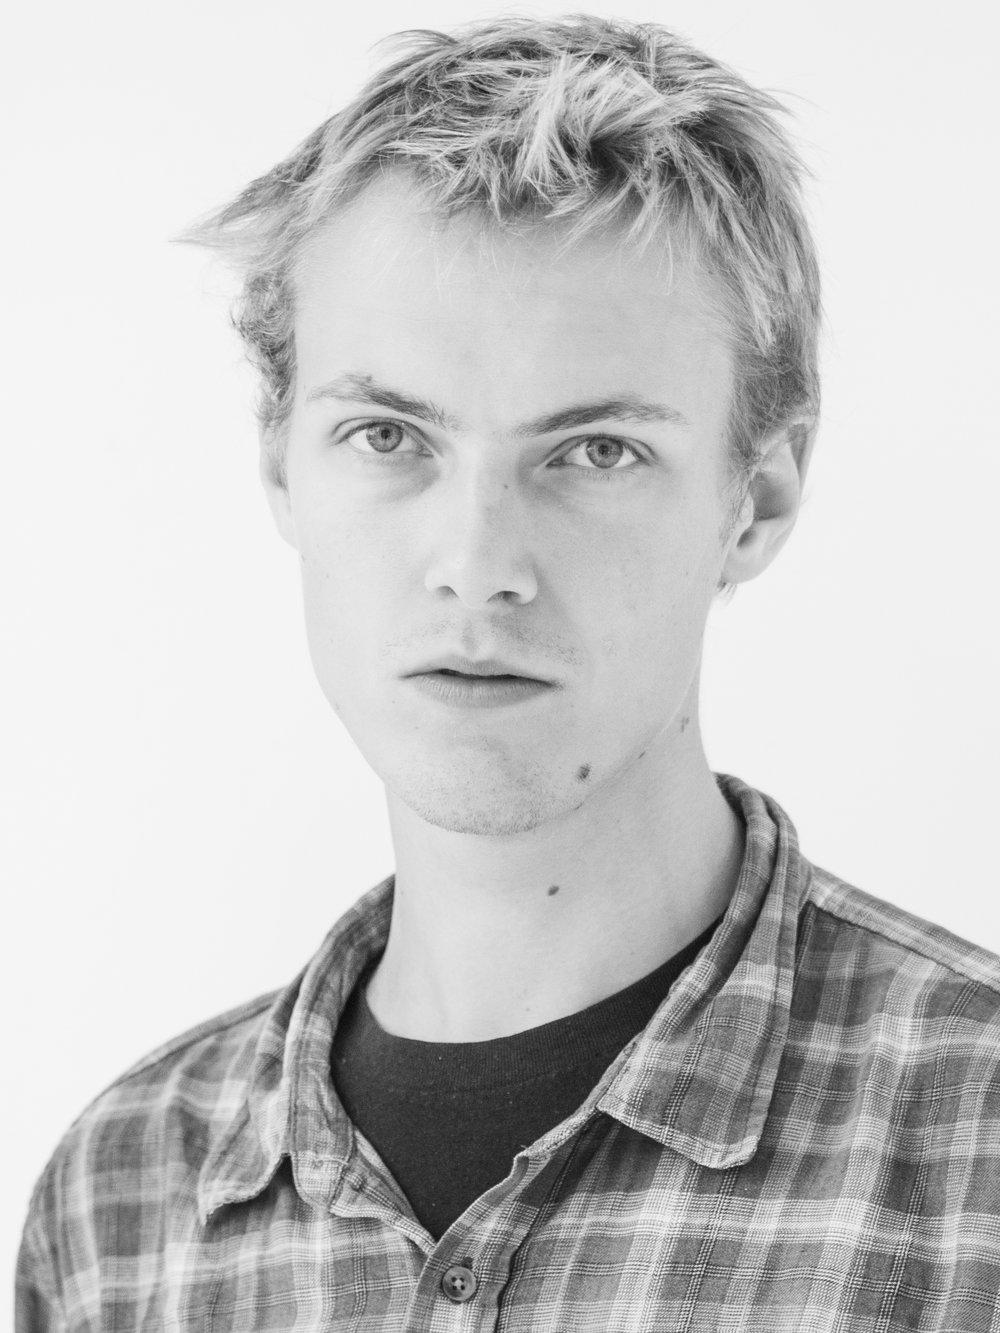 Sebastian Hvass